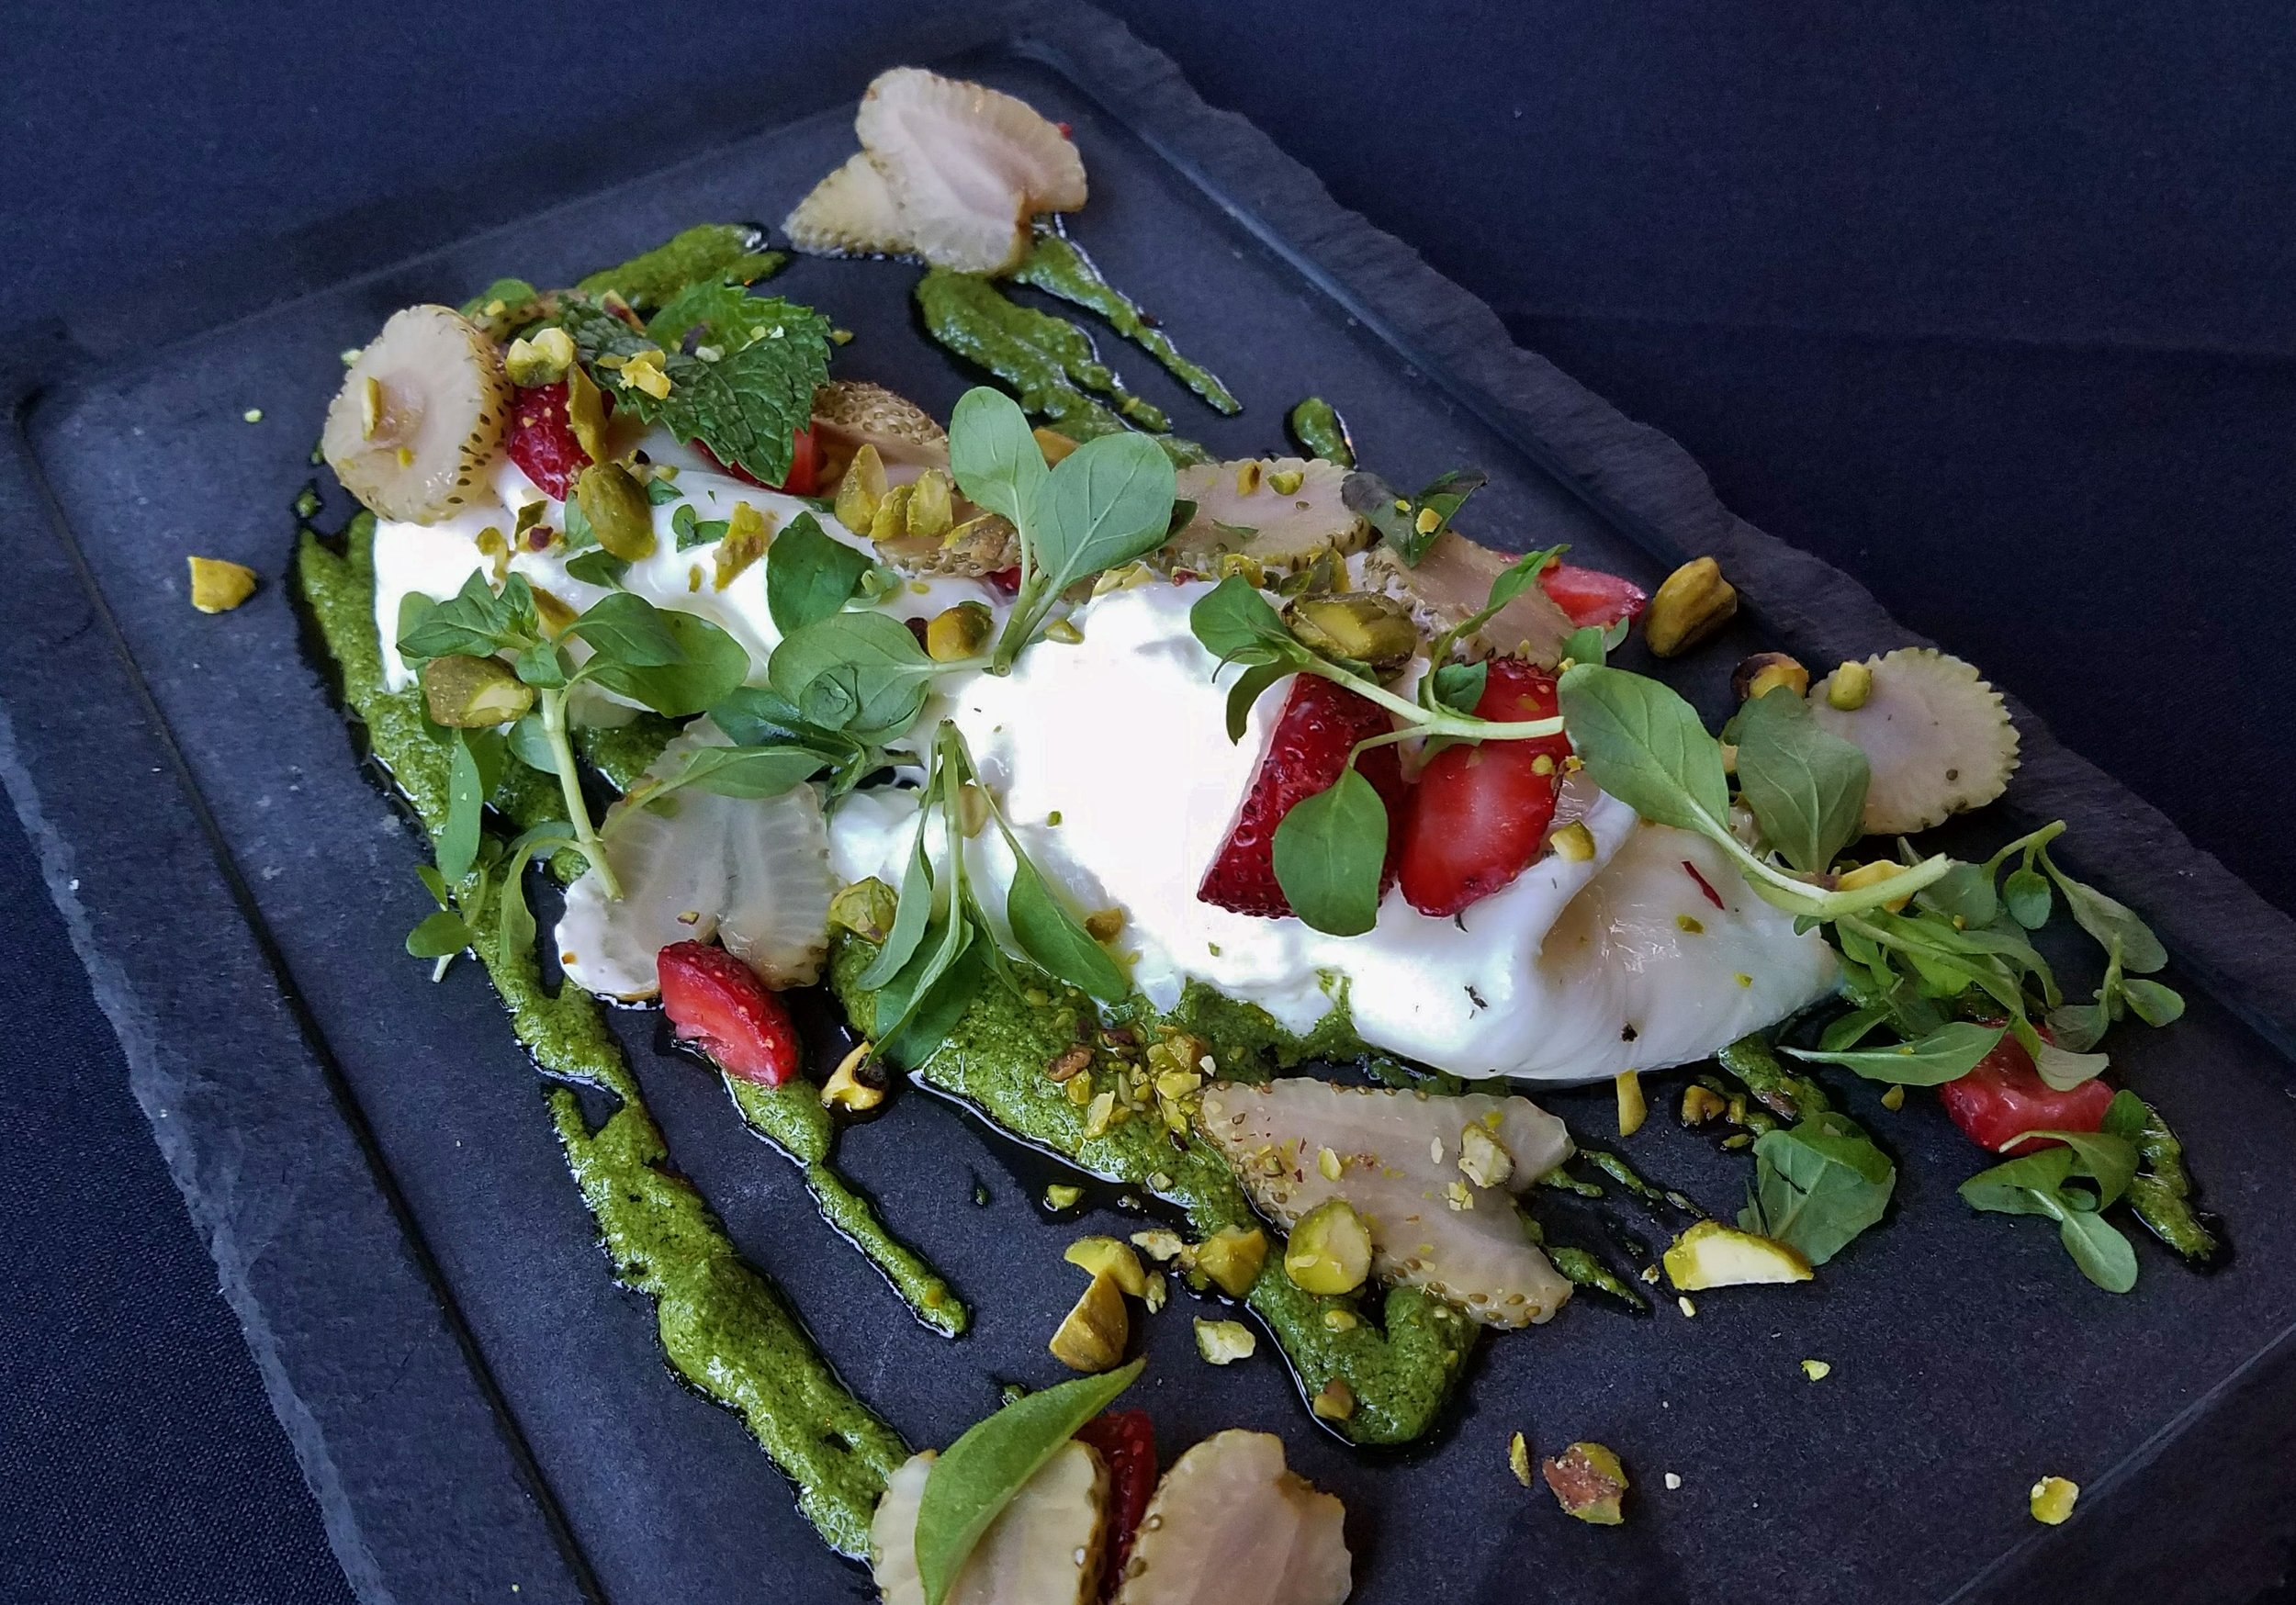 Burrata with pickled green strawberries, toasted pistachio, mint pistou, thai basil, strawberry vinegar, smoked sea salt